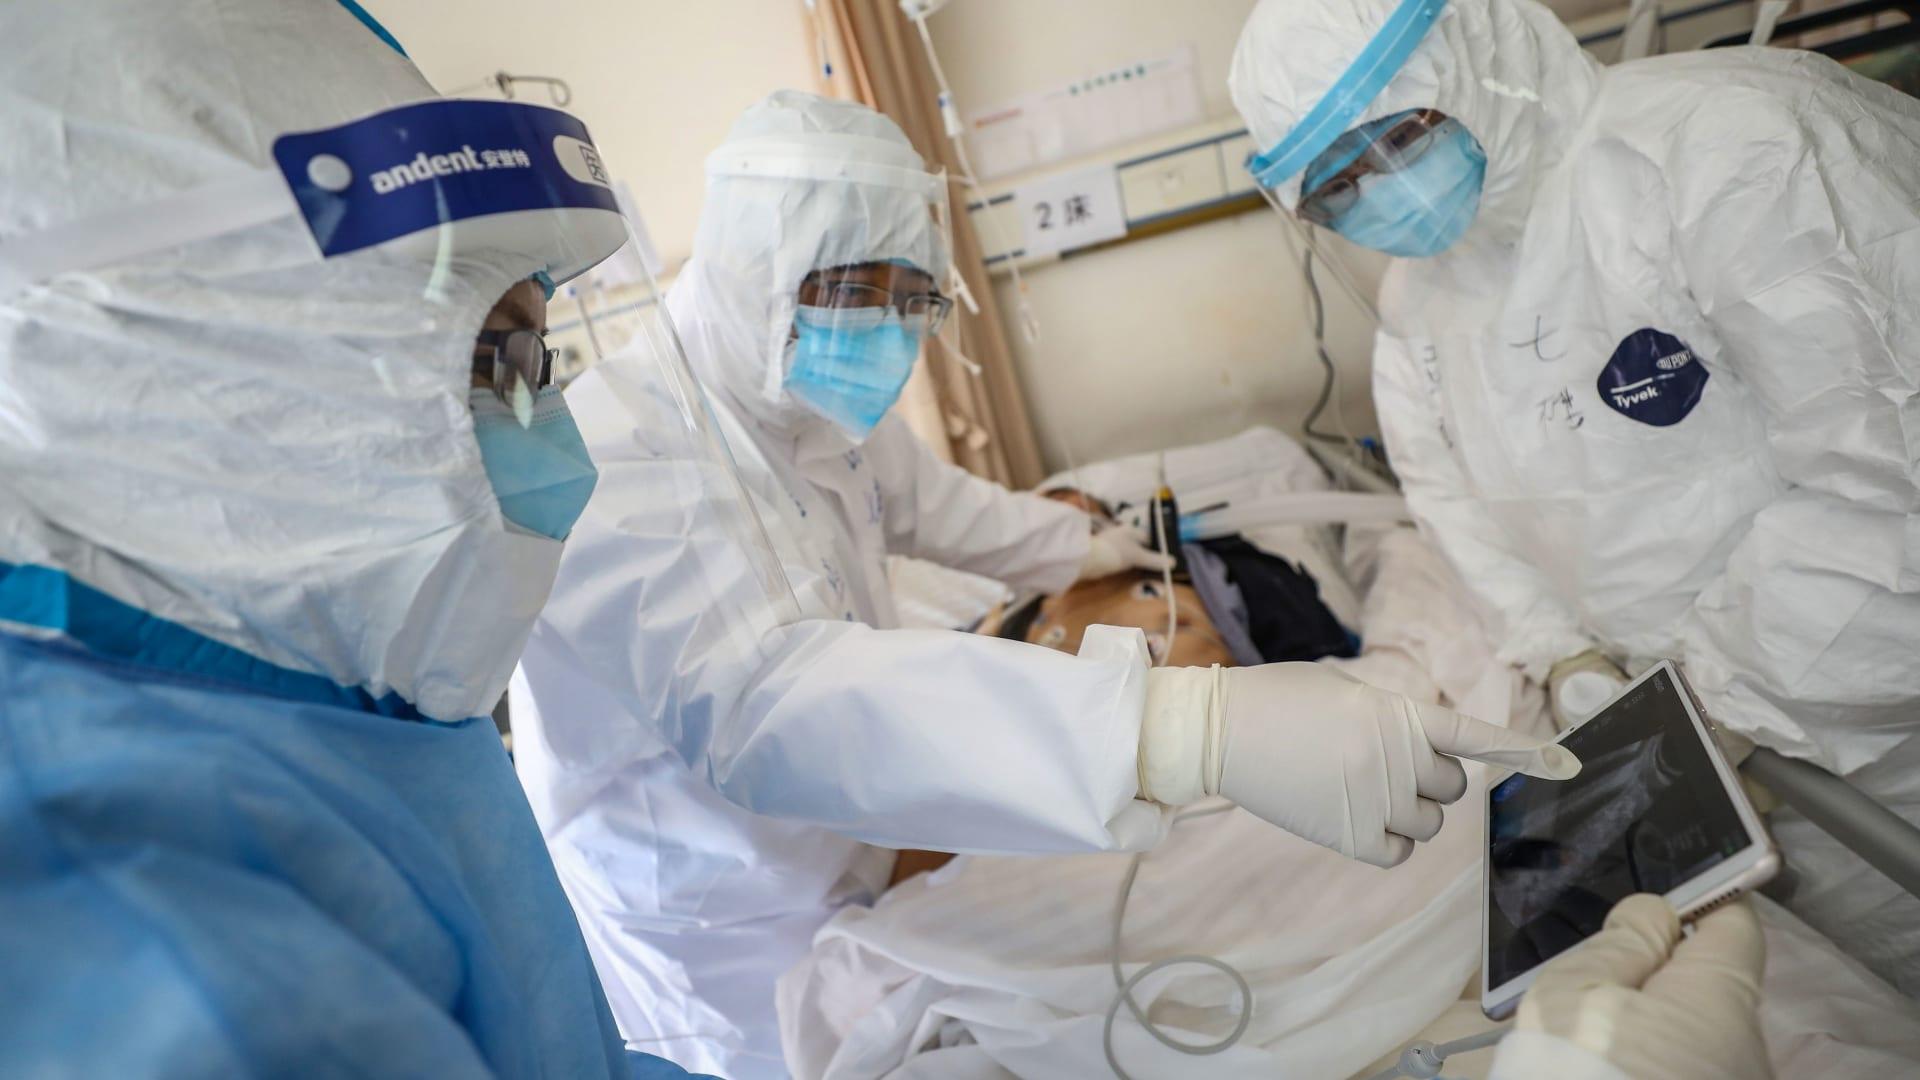 في أسوأ موجة منذ ووهان.. تفشي فيروس كورونا مجددًا في الصين